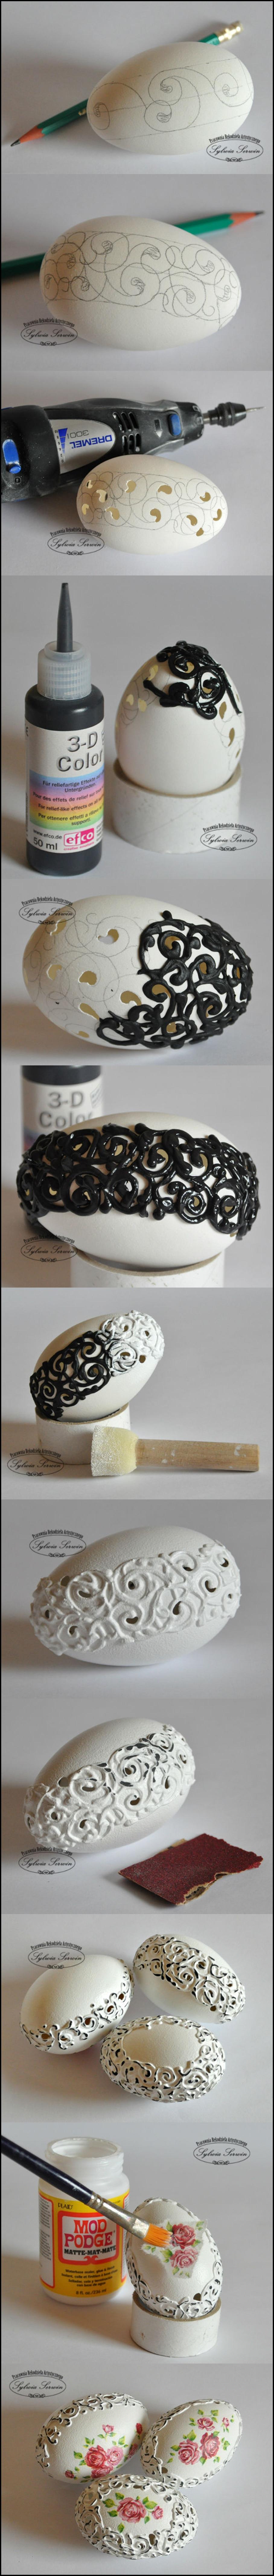 eggshell embroideries 1-vert